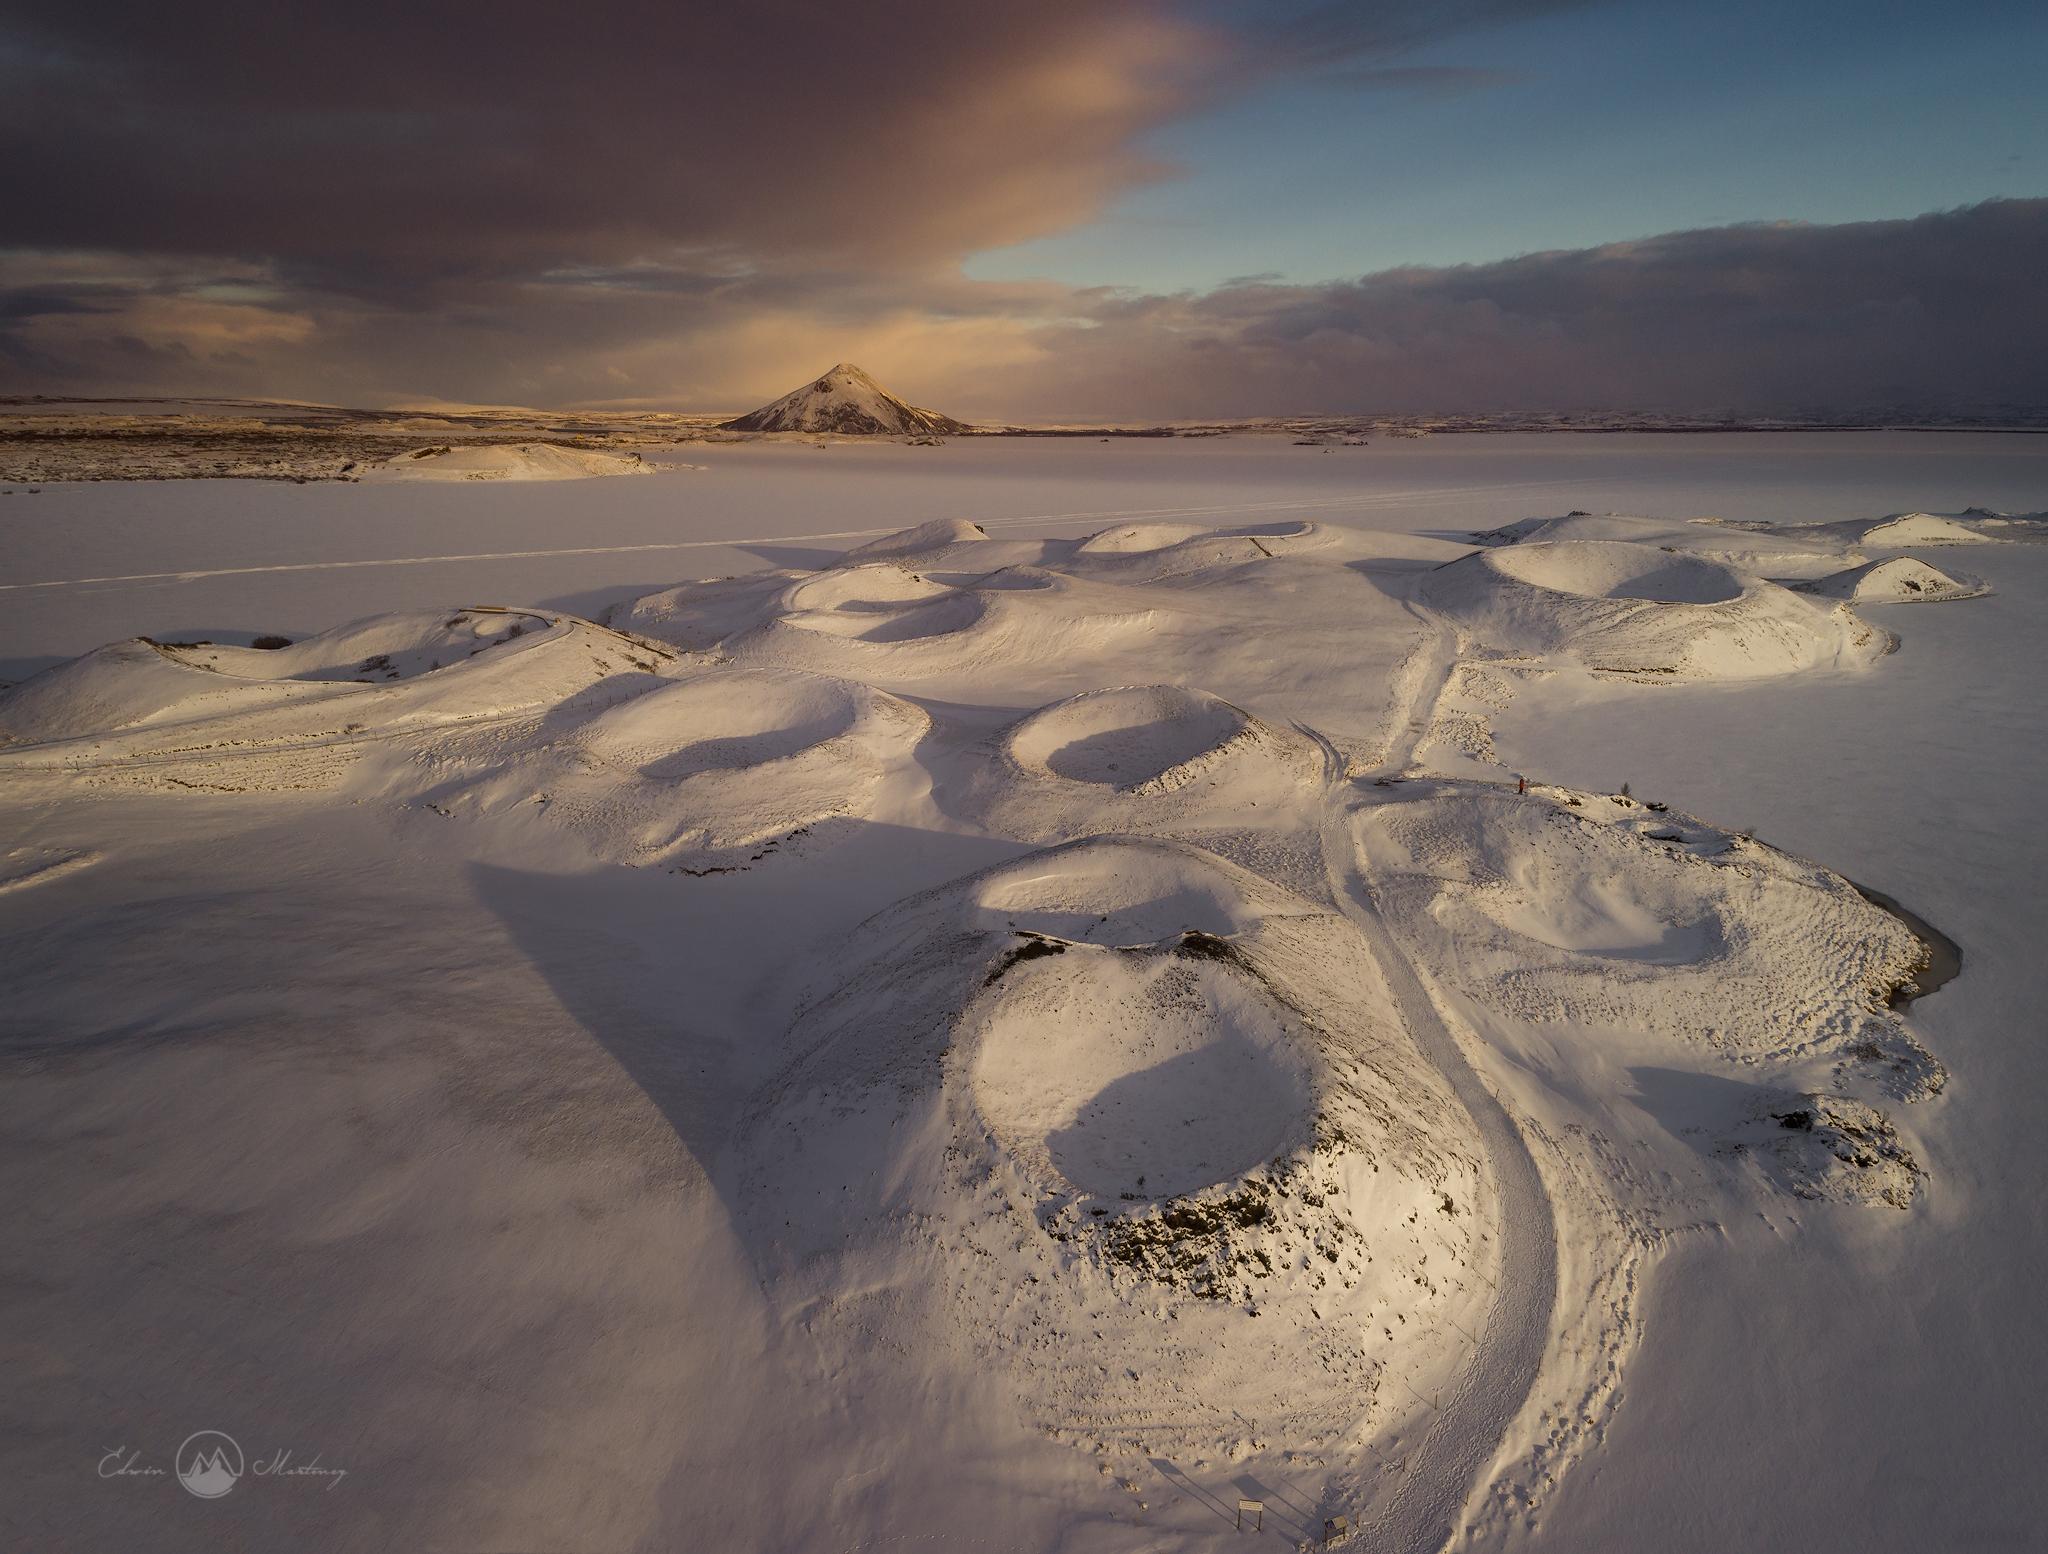 11-дневный зимний мастер-класс по ландшафтной фотографии в Исландии - day 8